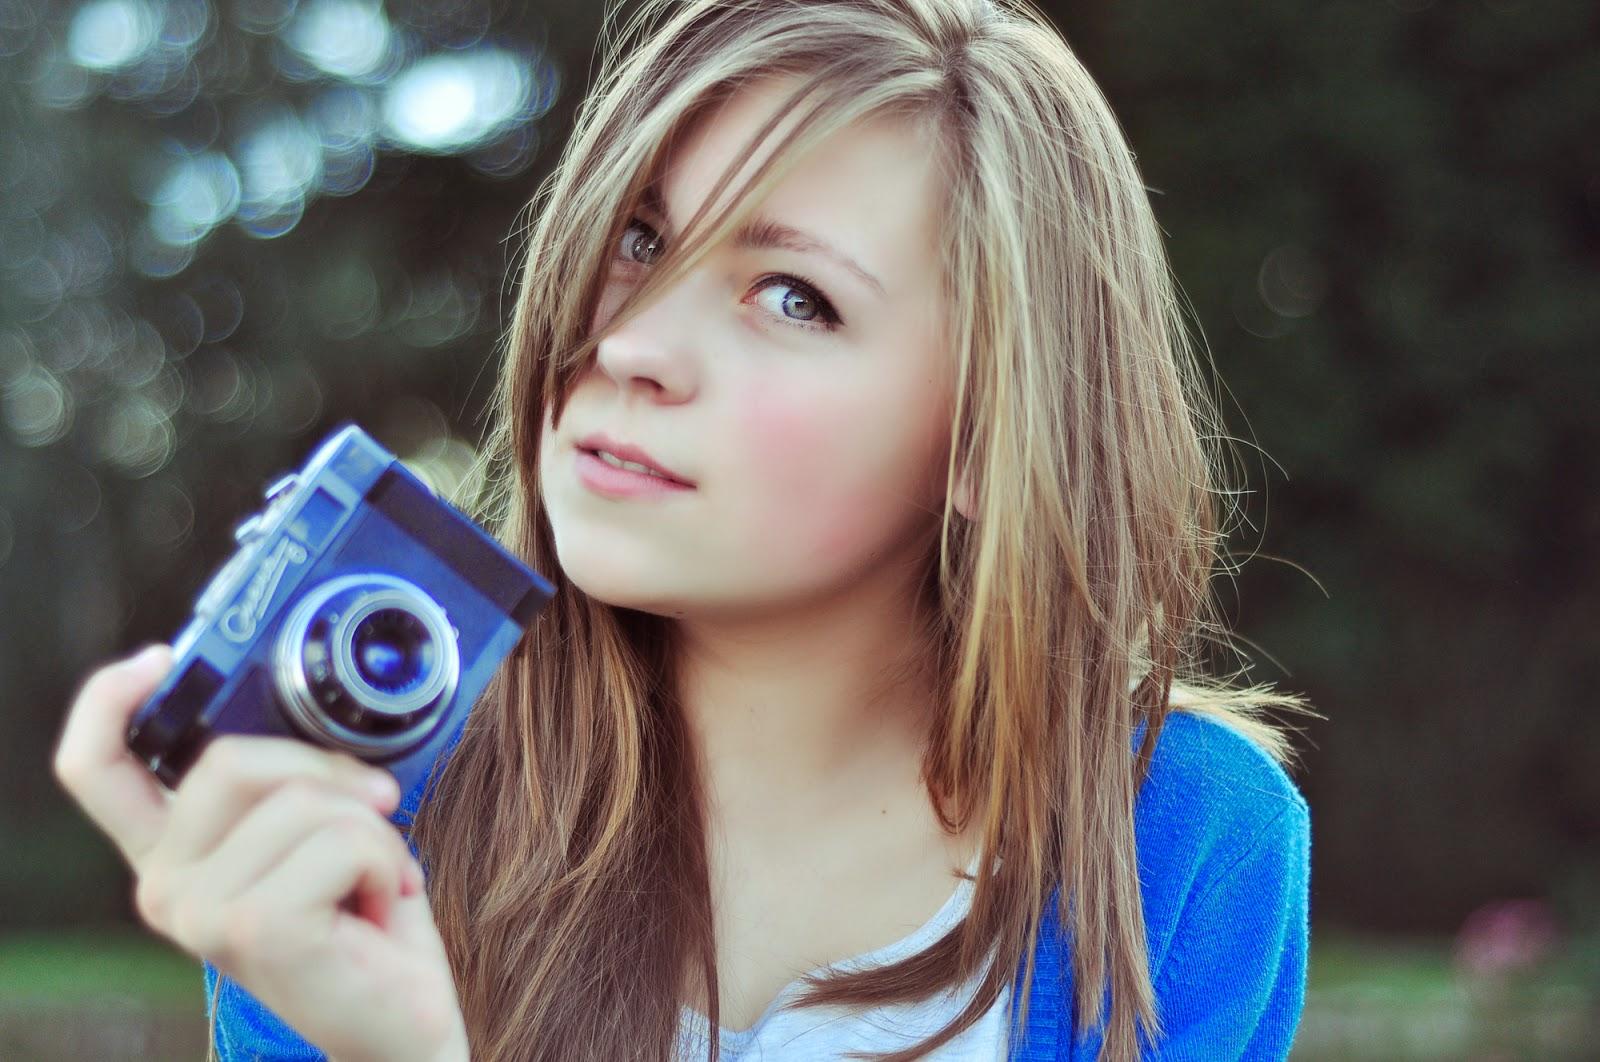 بالصور صور اجمل بنت في العالم , مواصفات اجمل بنات فى العالم 4754 3